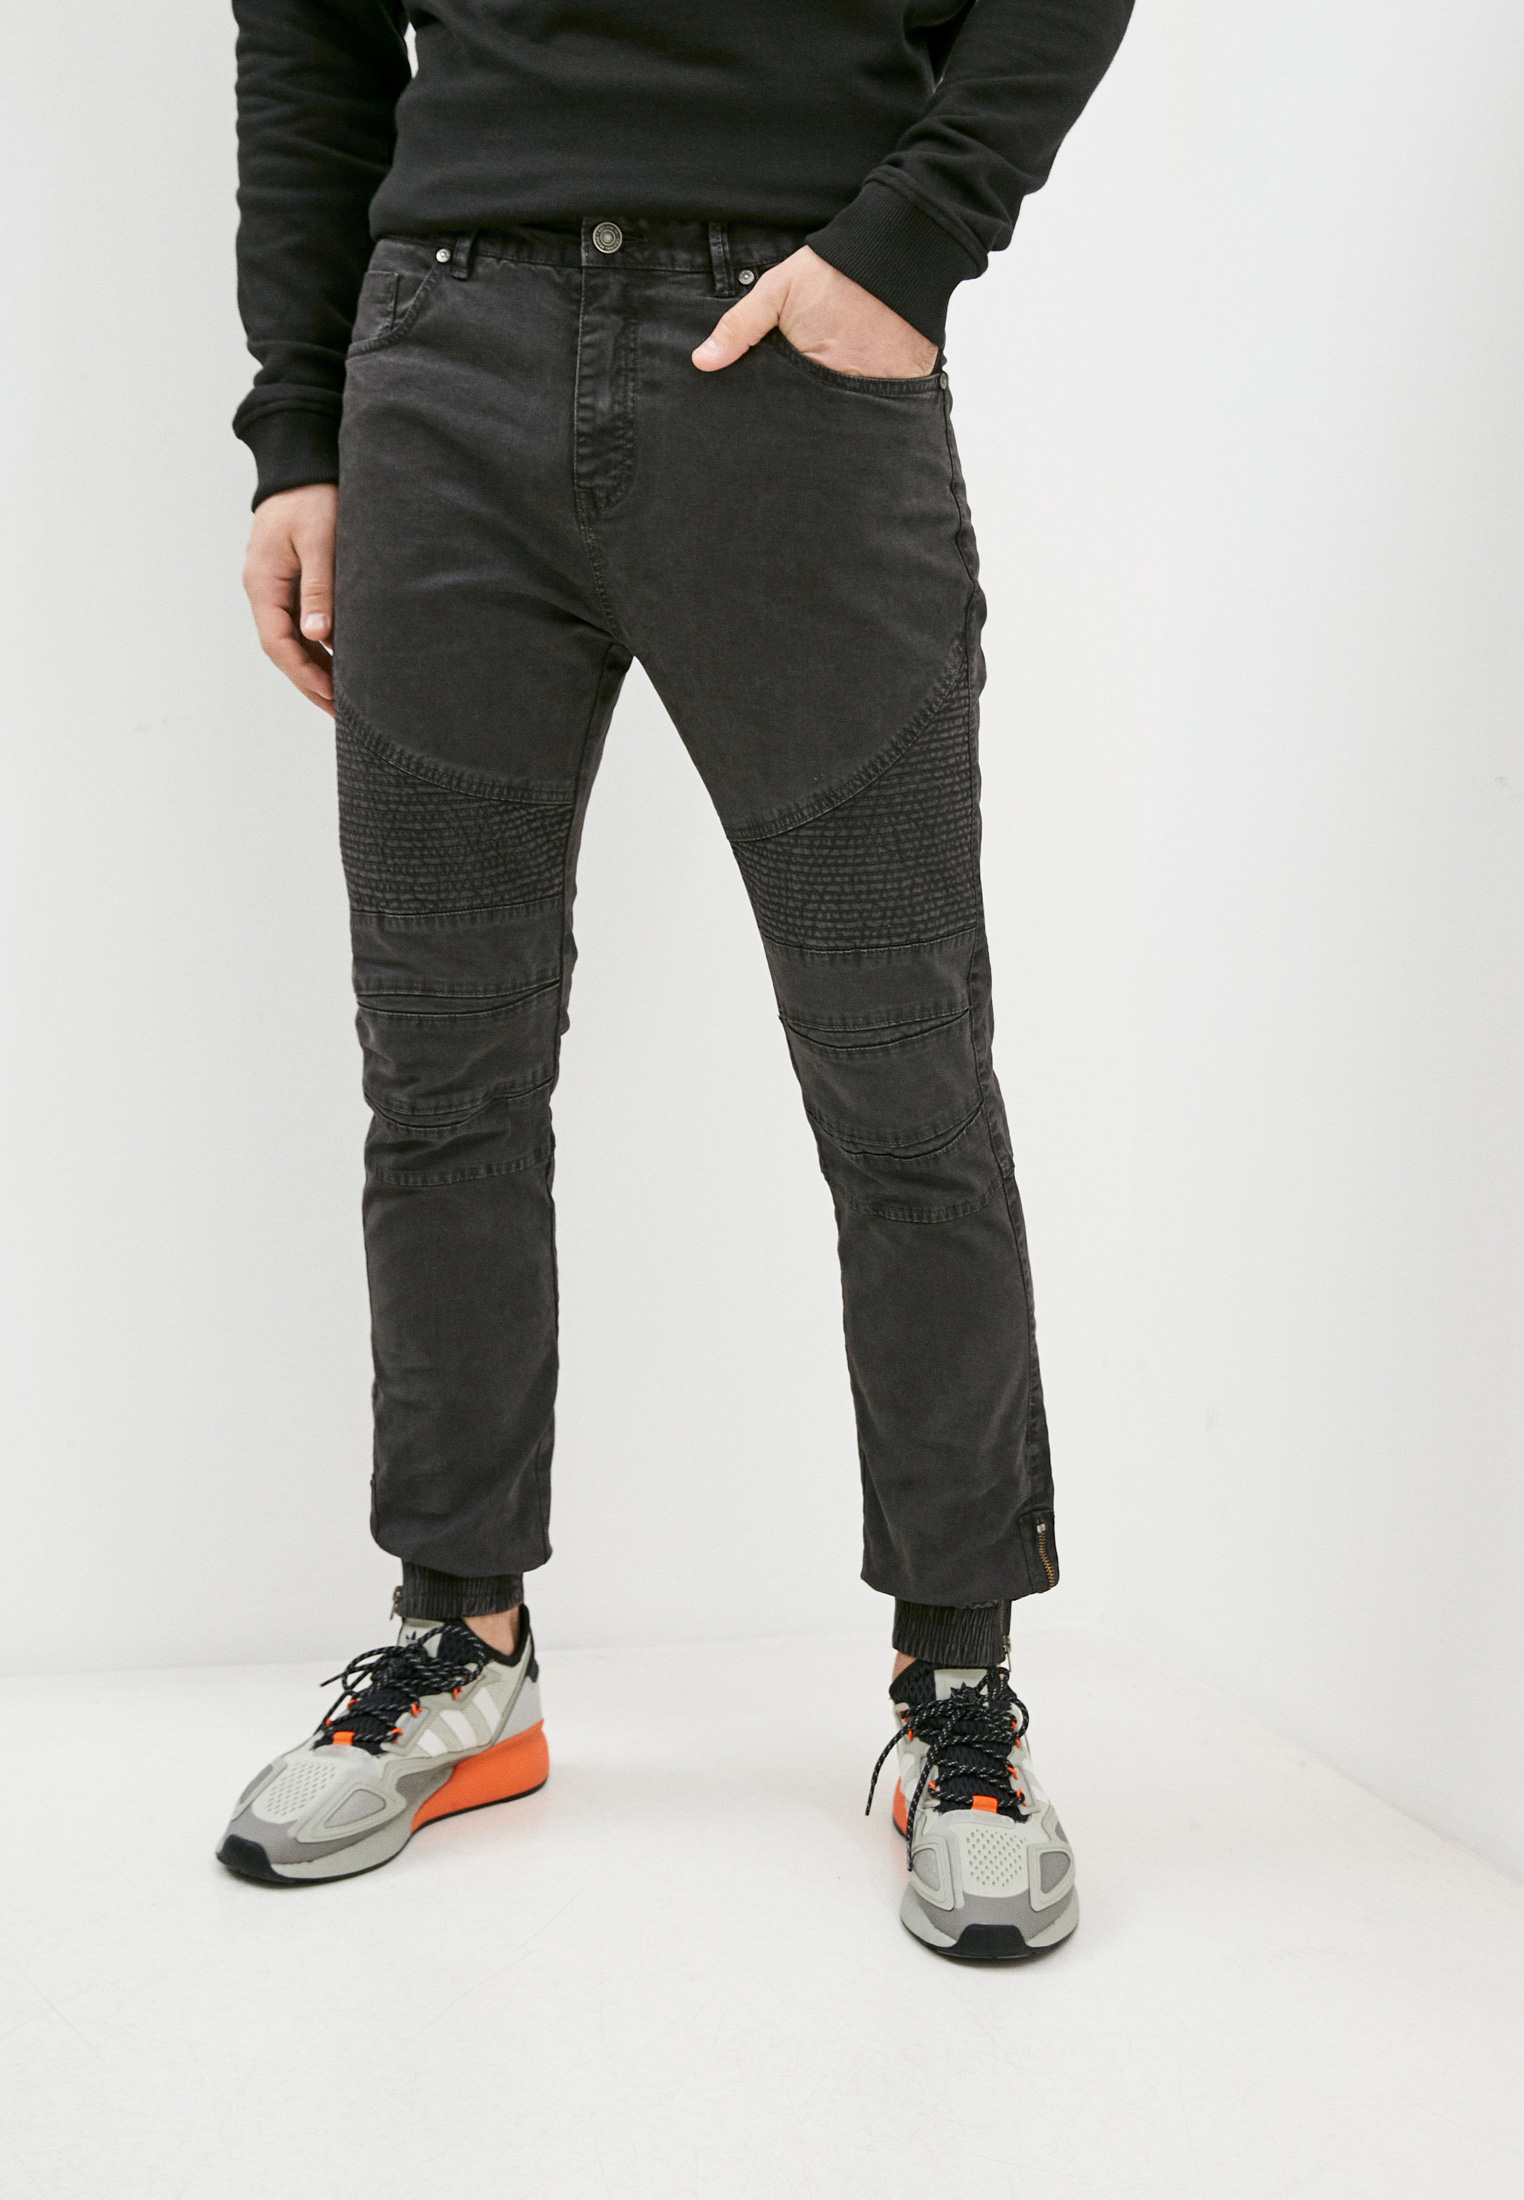 Мужские повседневные брюки Deeluxe Брюки Deeluxe